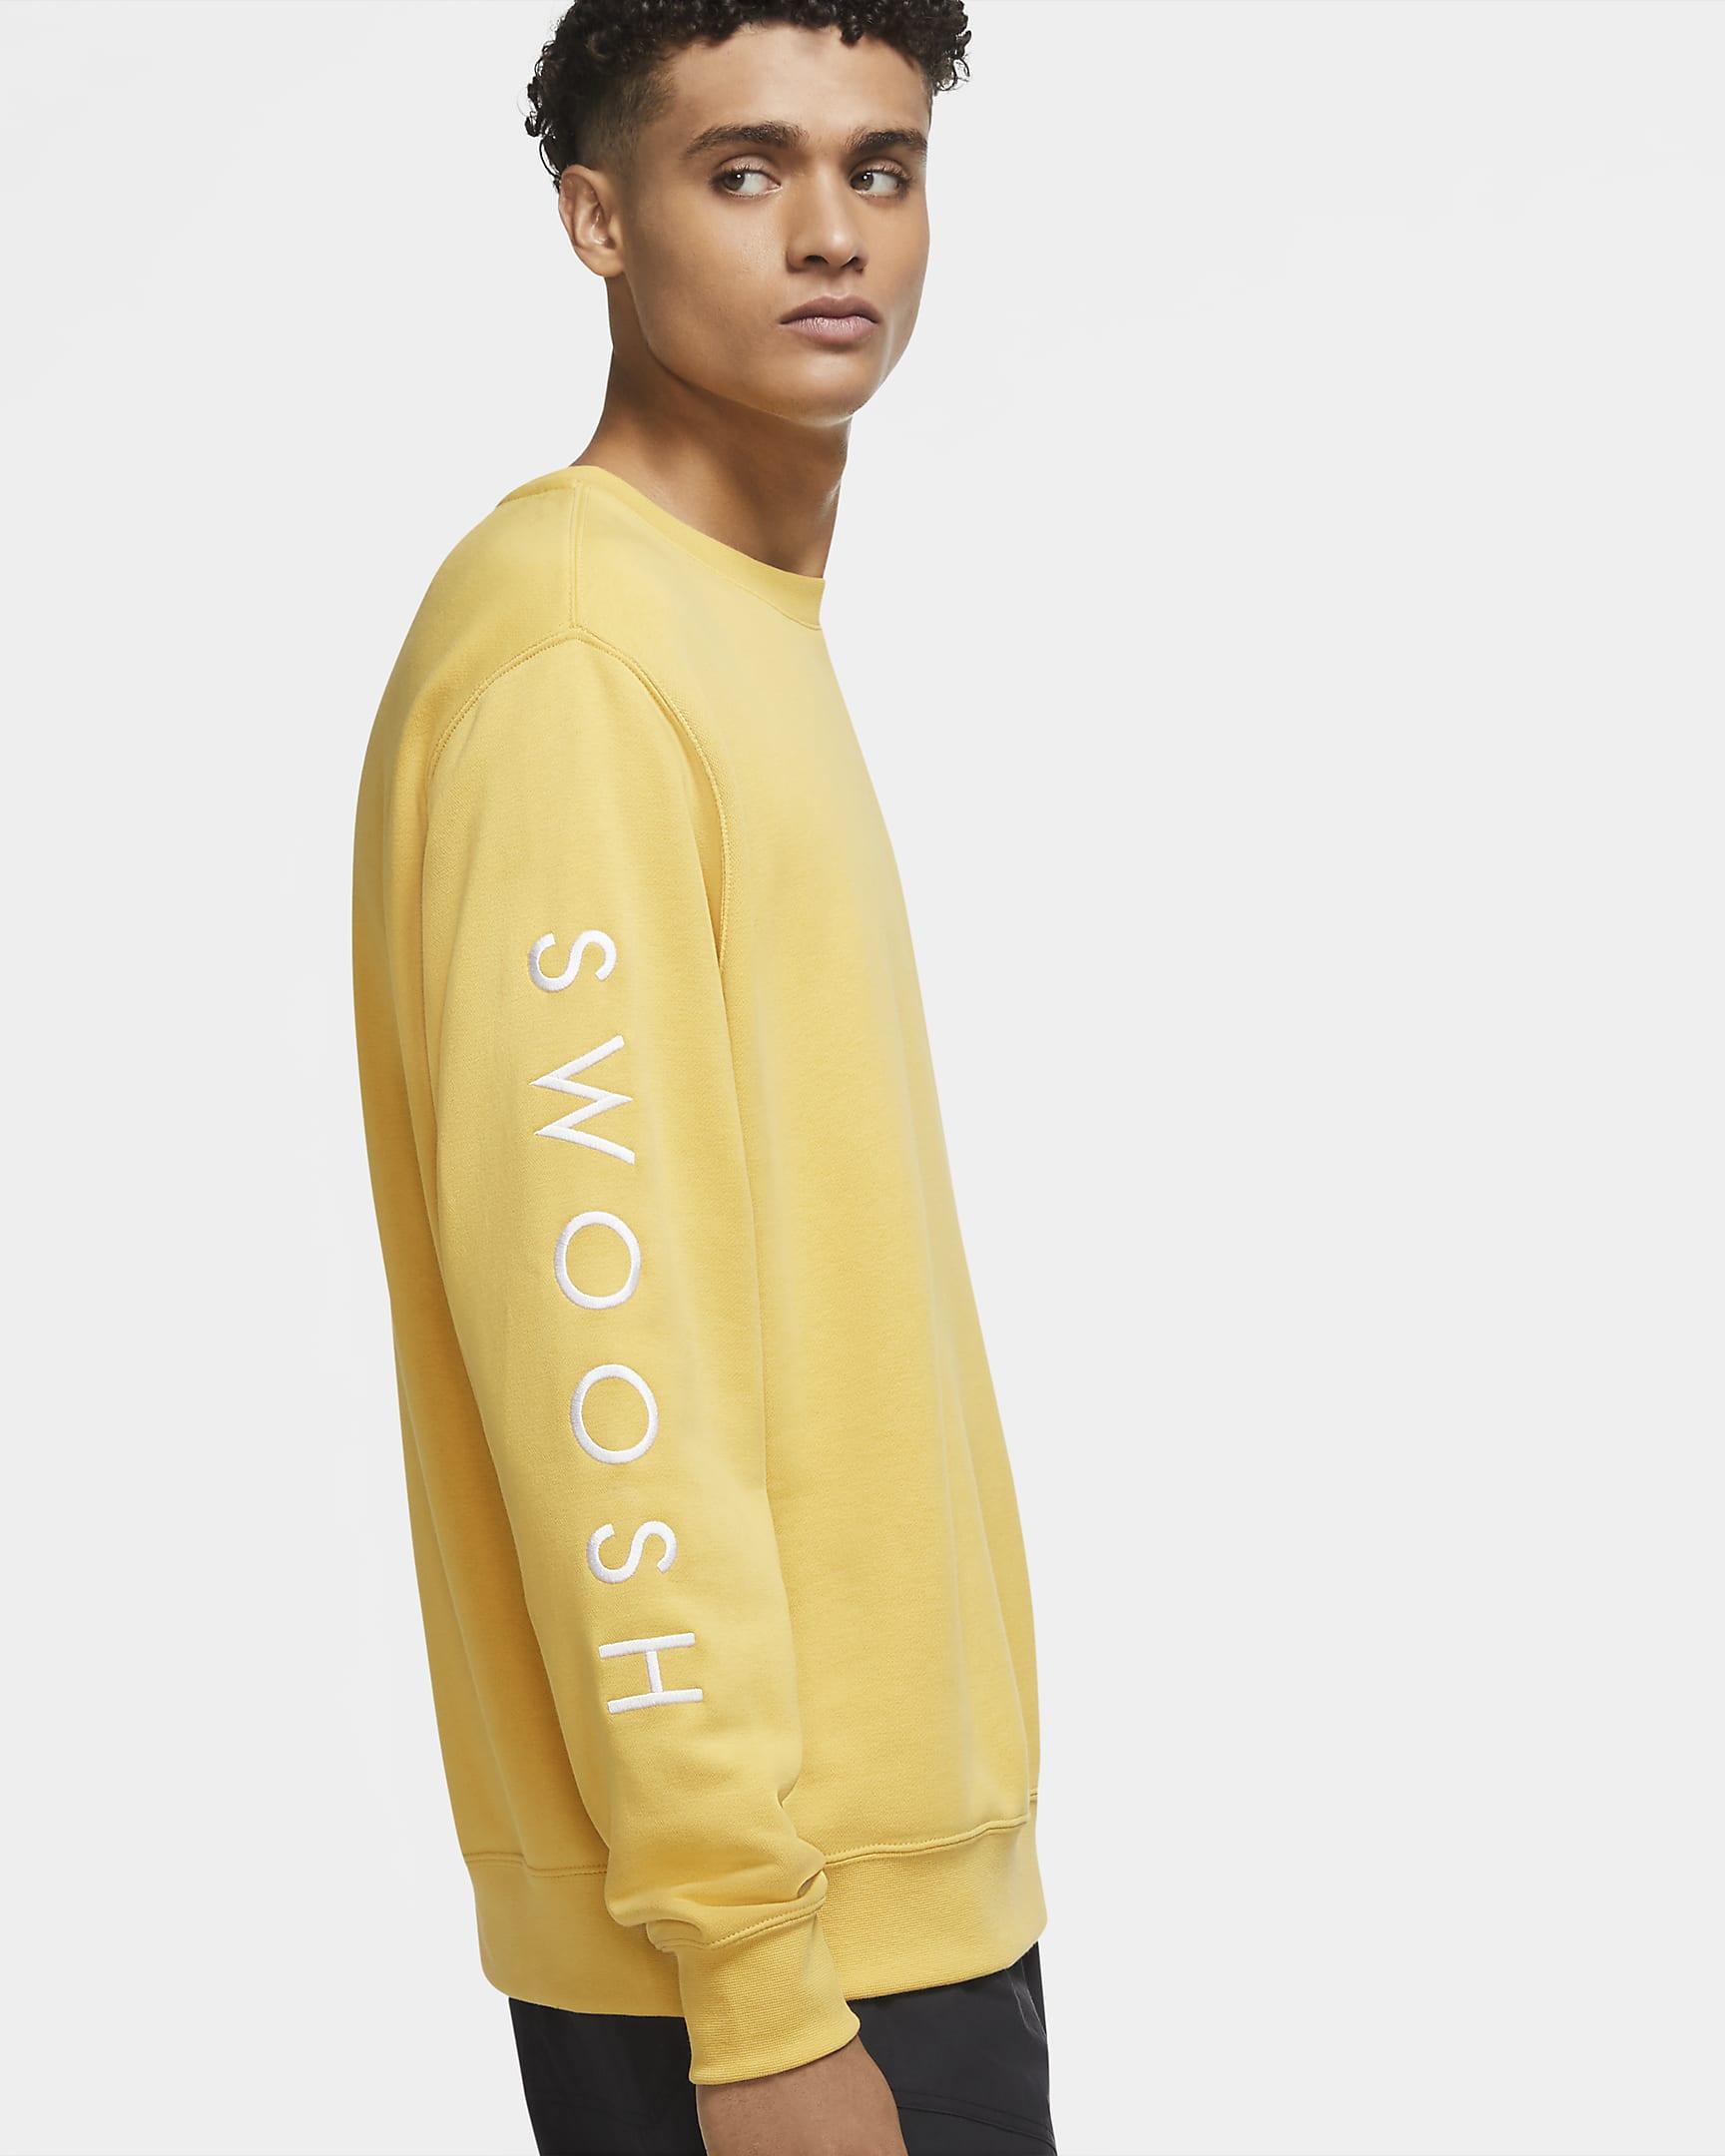 sportswear-swoosh-mens-crew-TxTKW4-1